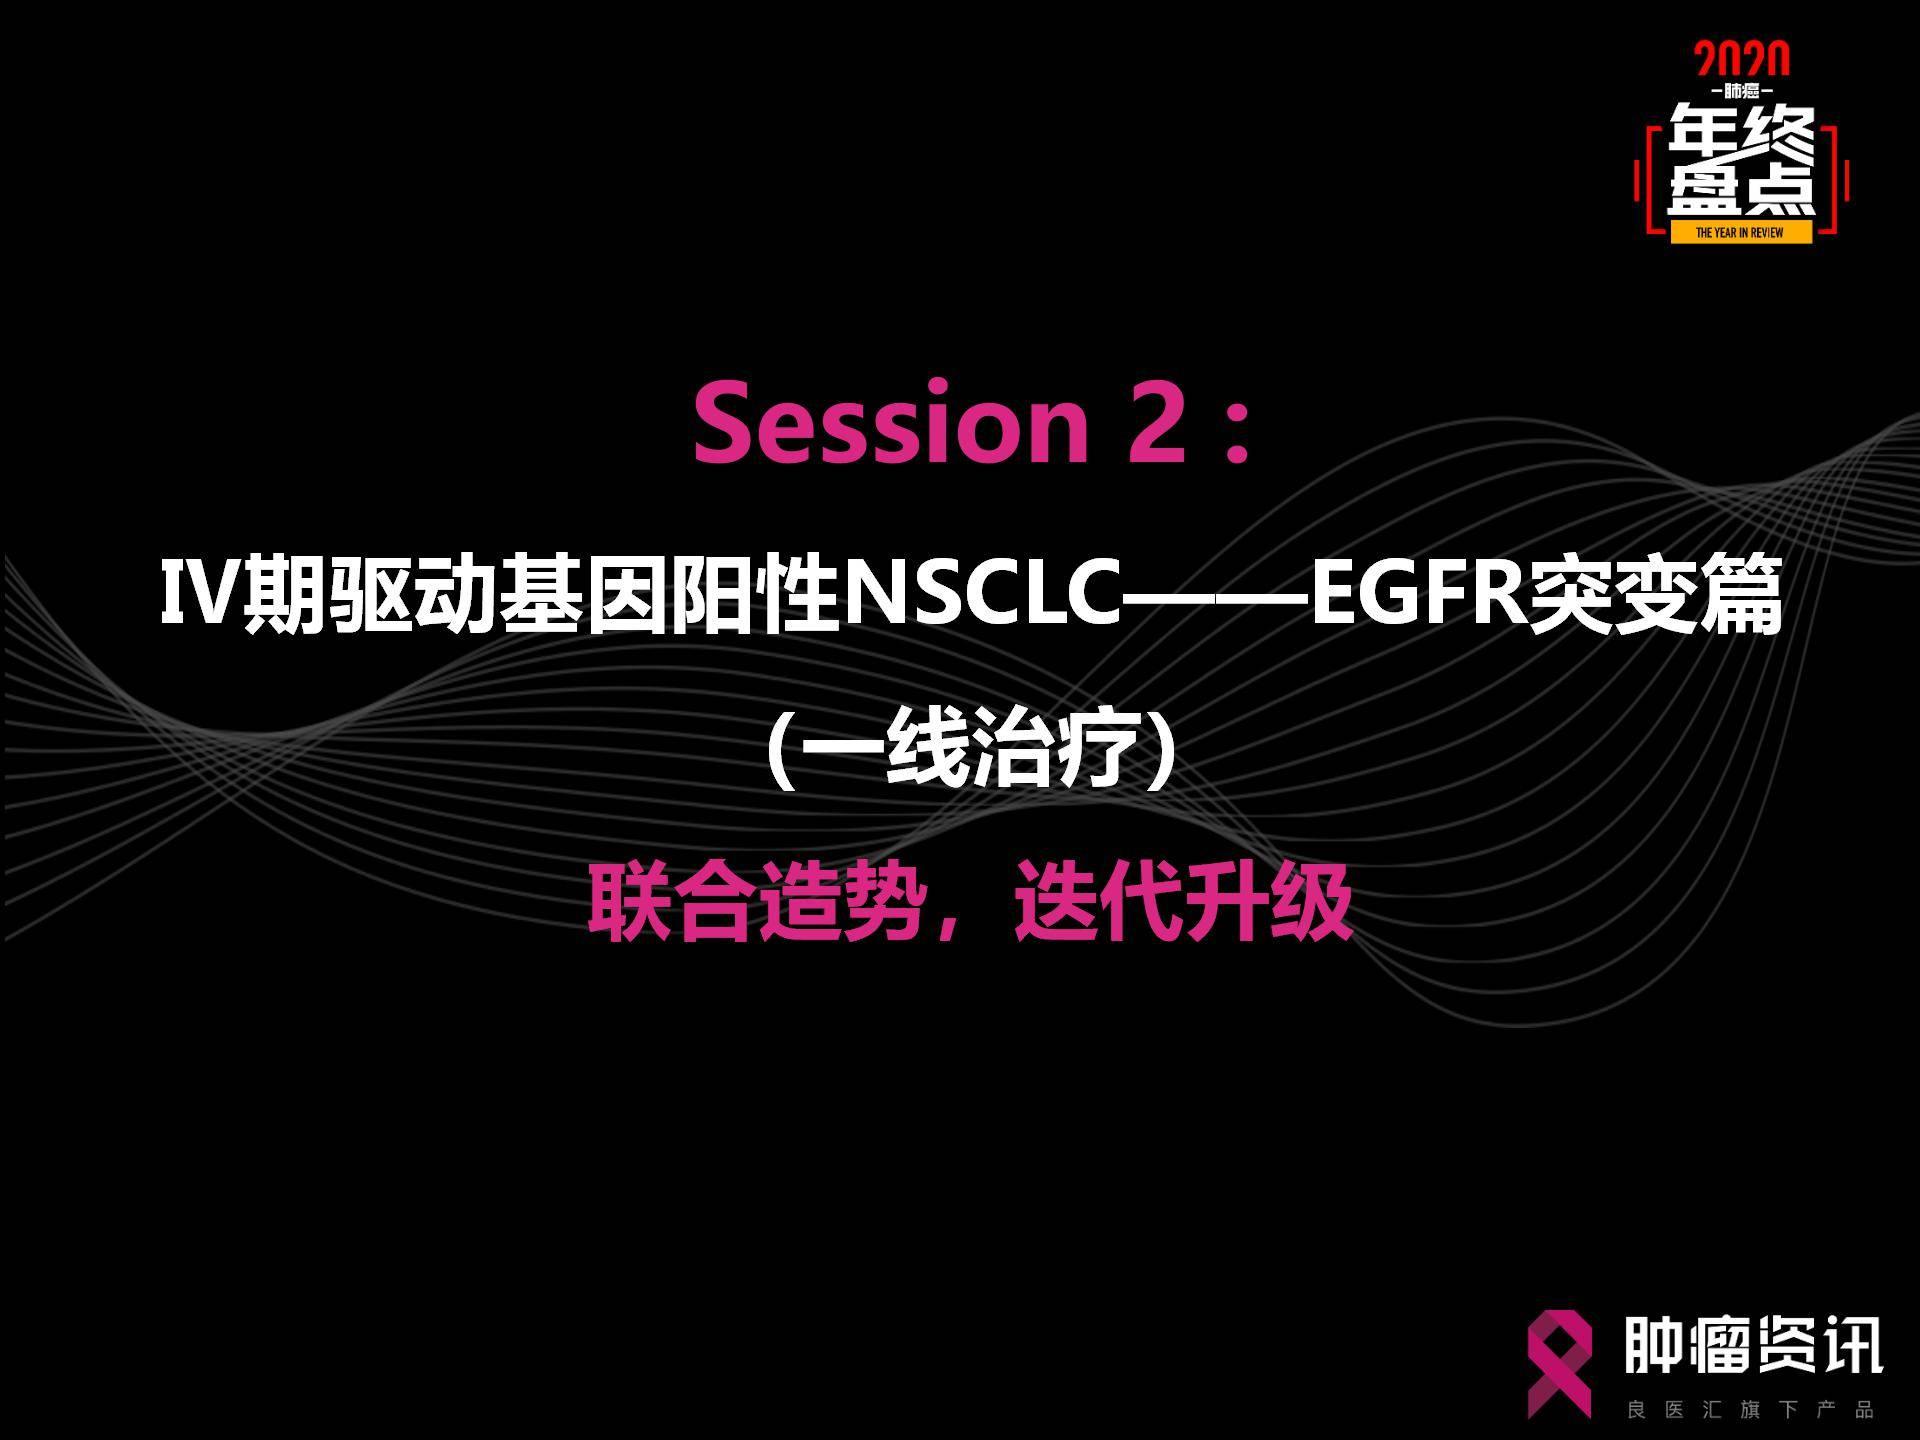 session 2.jpg